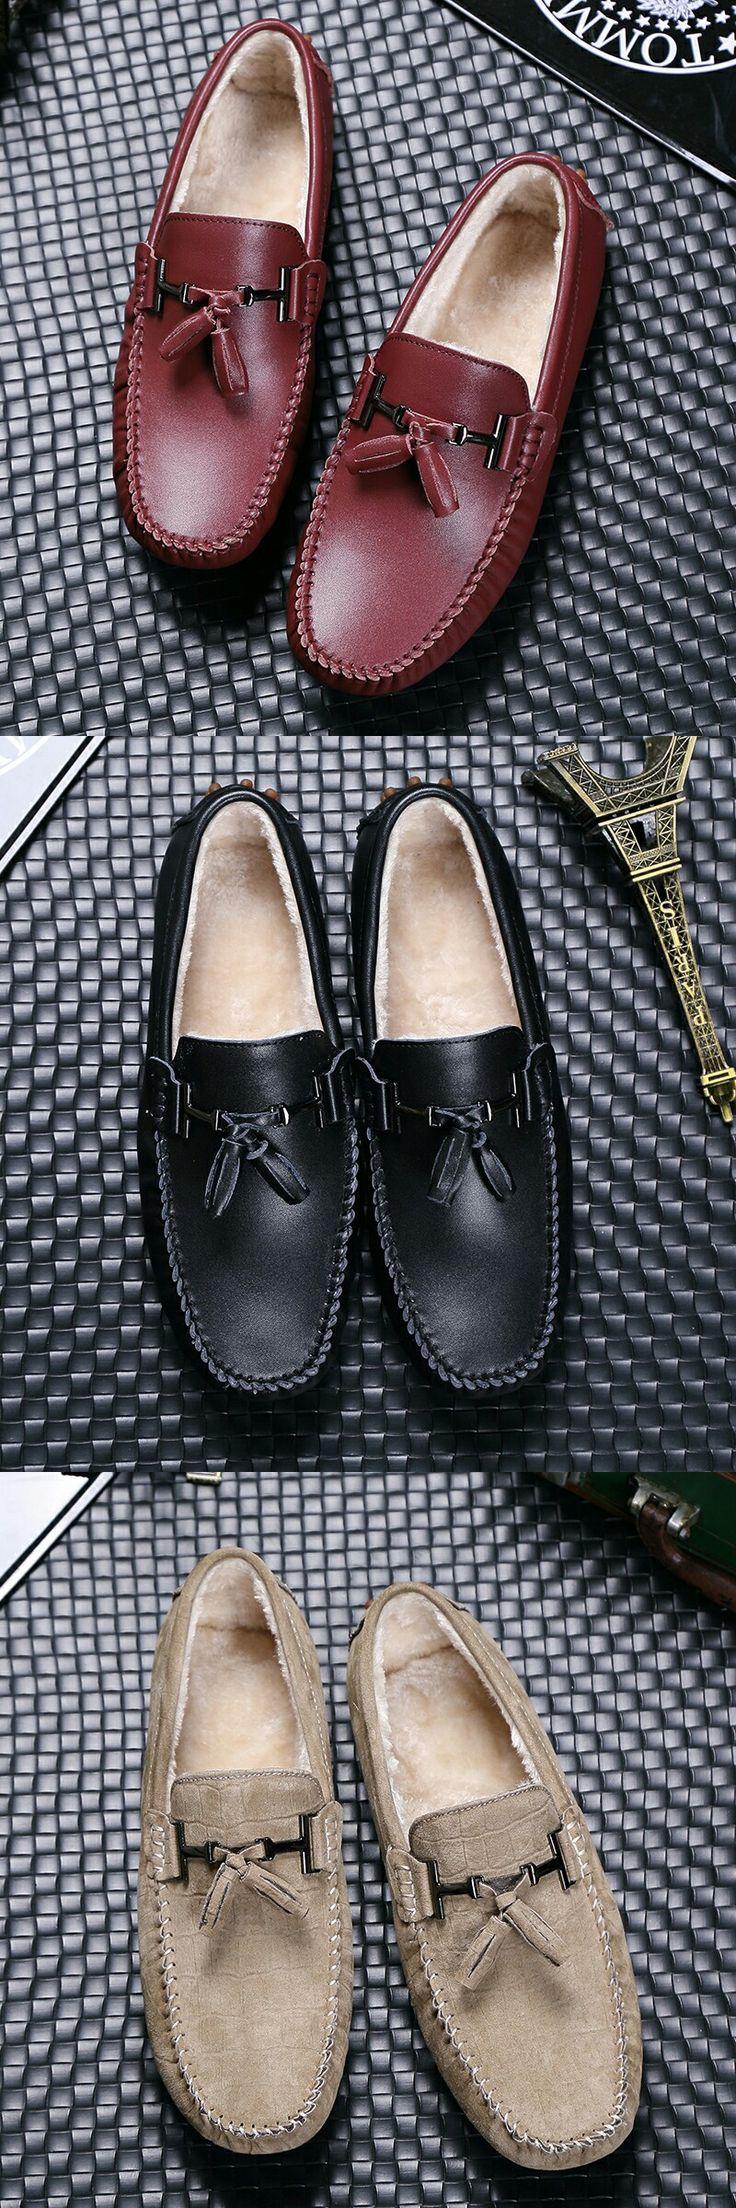 >> Comprar aqui << Prelesty Marca Vintage Retro Caballero Hombres de Cuero Casual Zapatos de Conducción Mocasines Mocasines de Borla Con Piel Caliente Del Ocio de Invierno